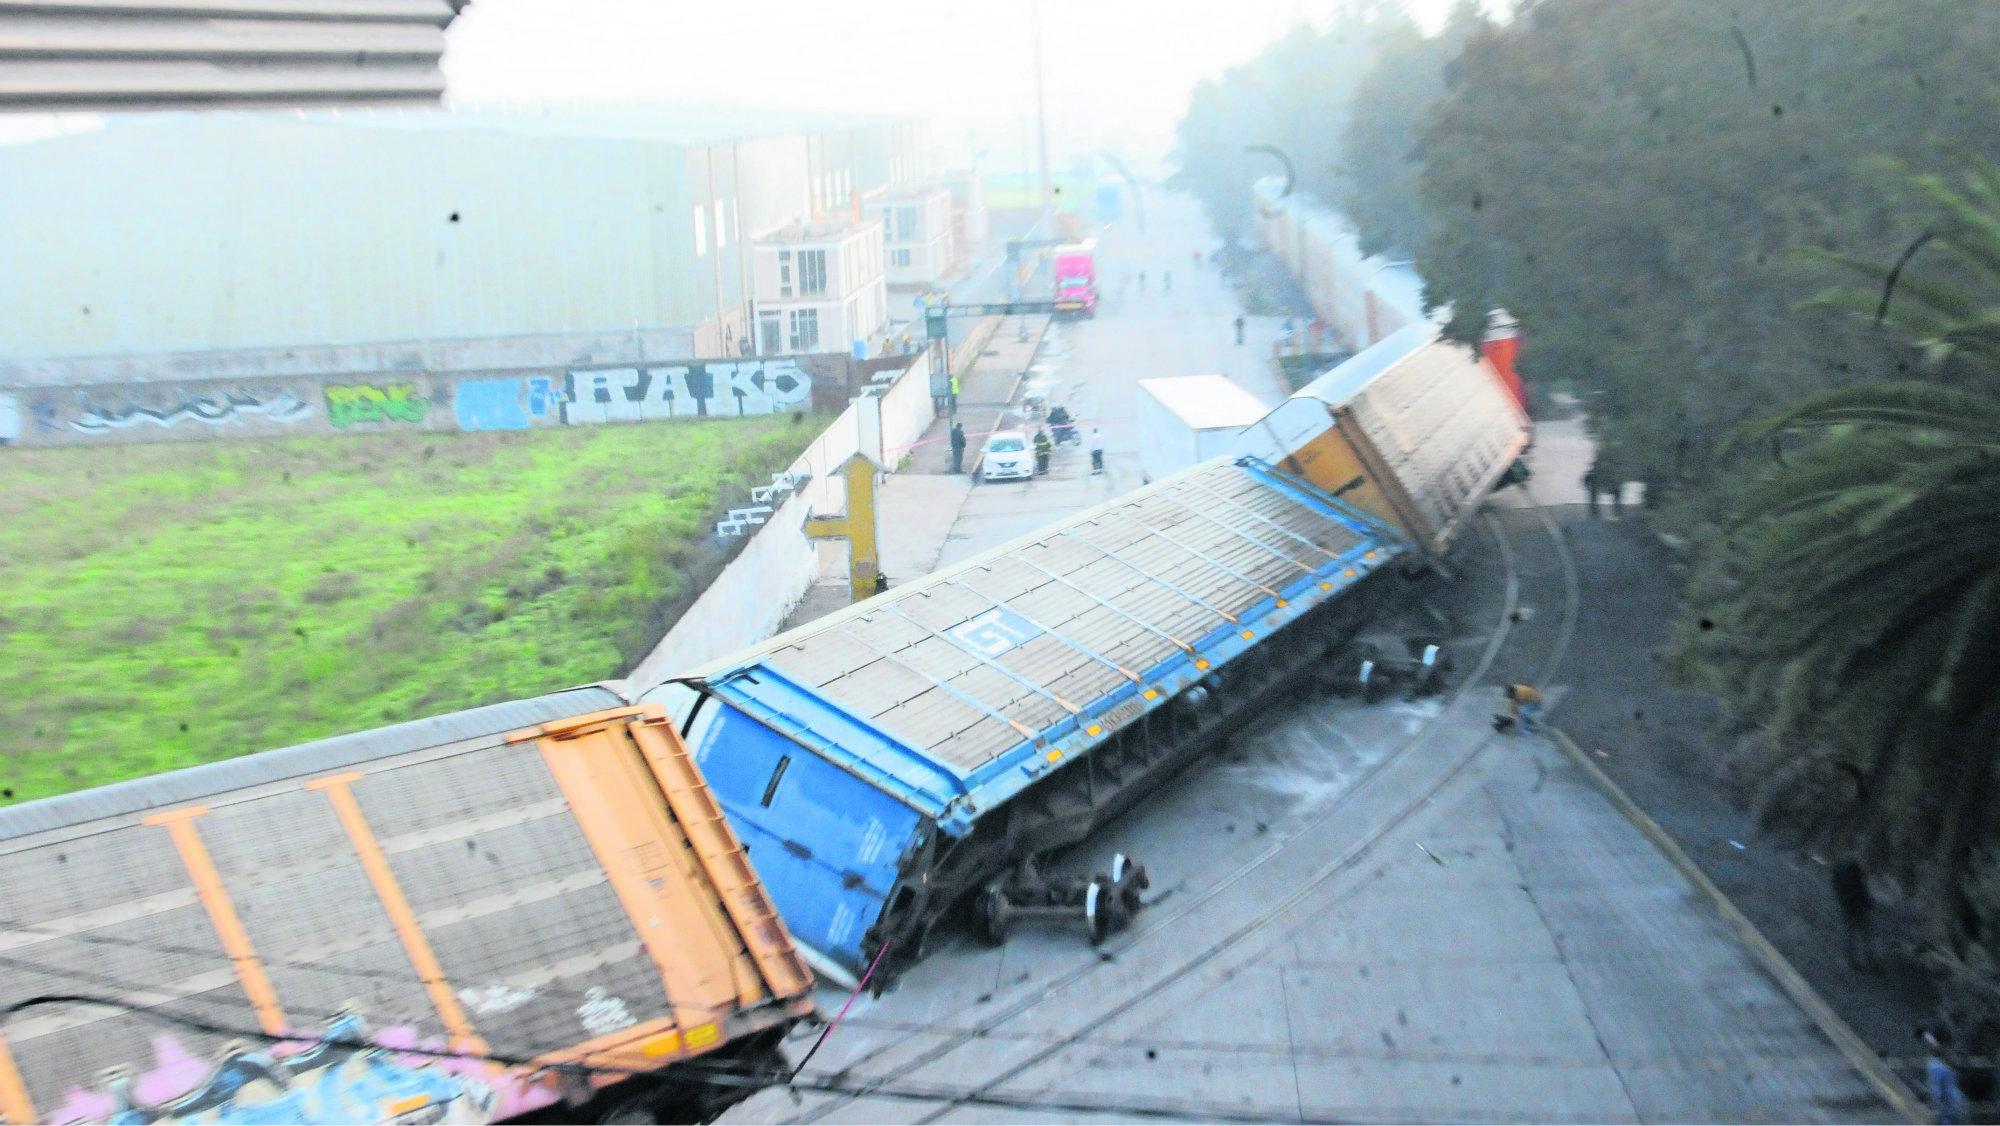 Tren volcado Evita tragedia Saldo Blanco Edomex Toluca